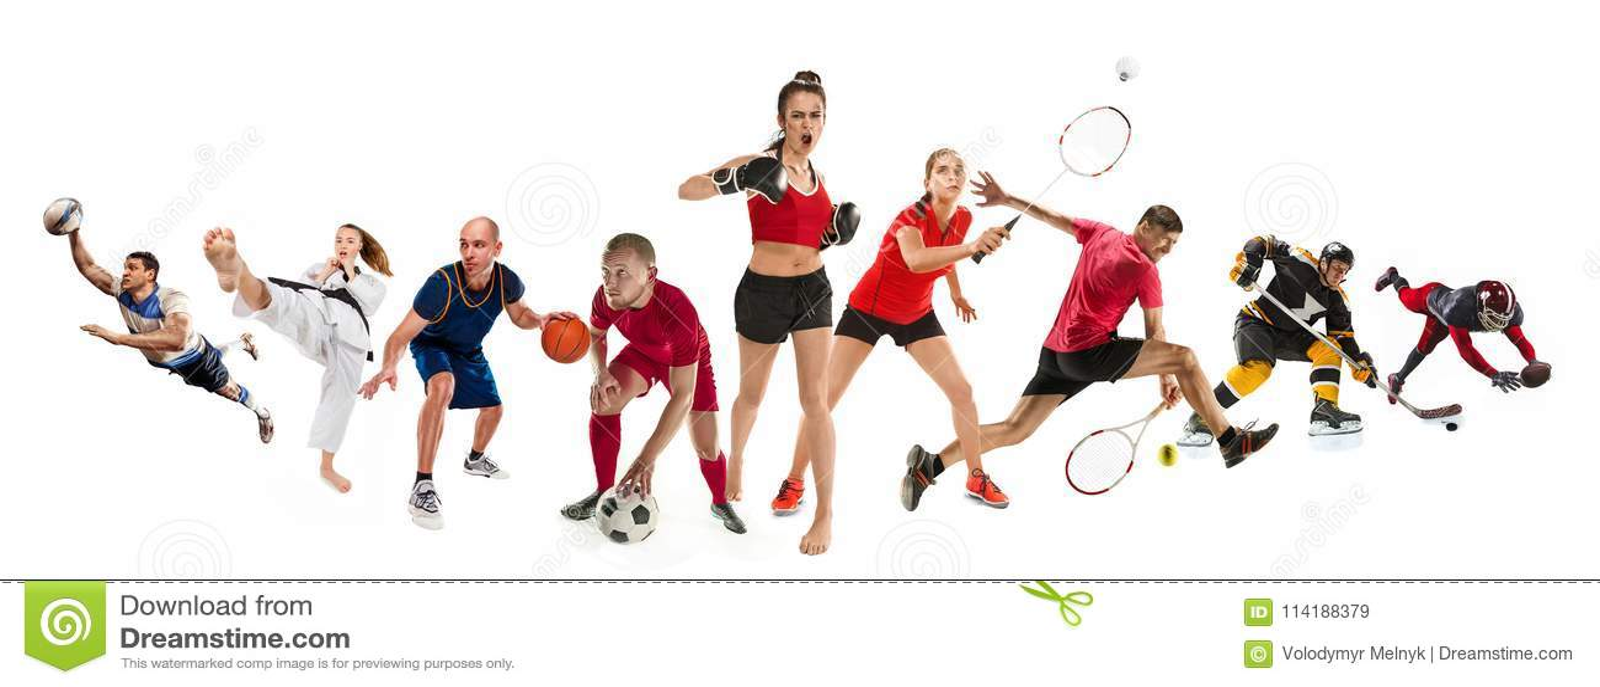 Bawi się kolaż o kickboxing, piłka nożna, futbol amerykański, koszykówka, lodowy hokej, badminton, Taekwondo, tenis, rugby